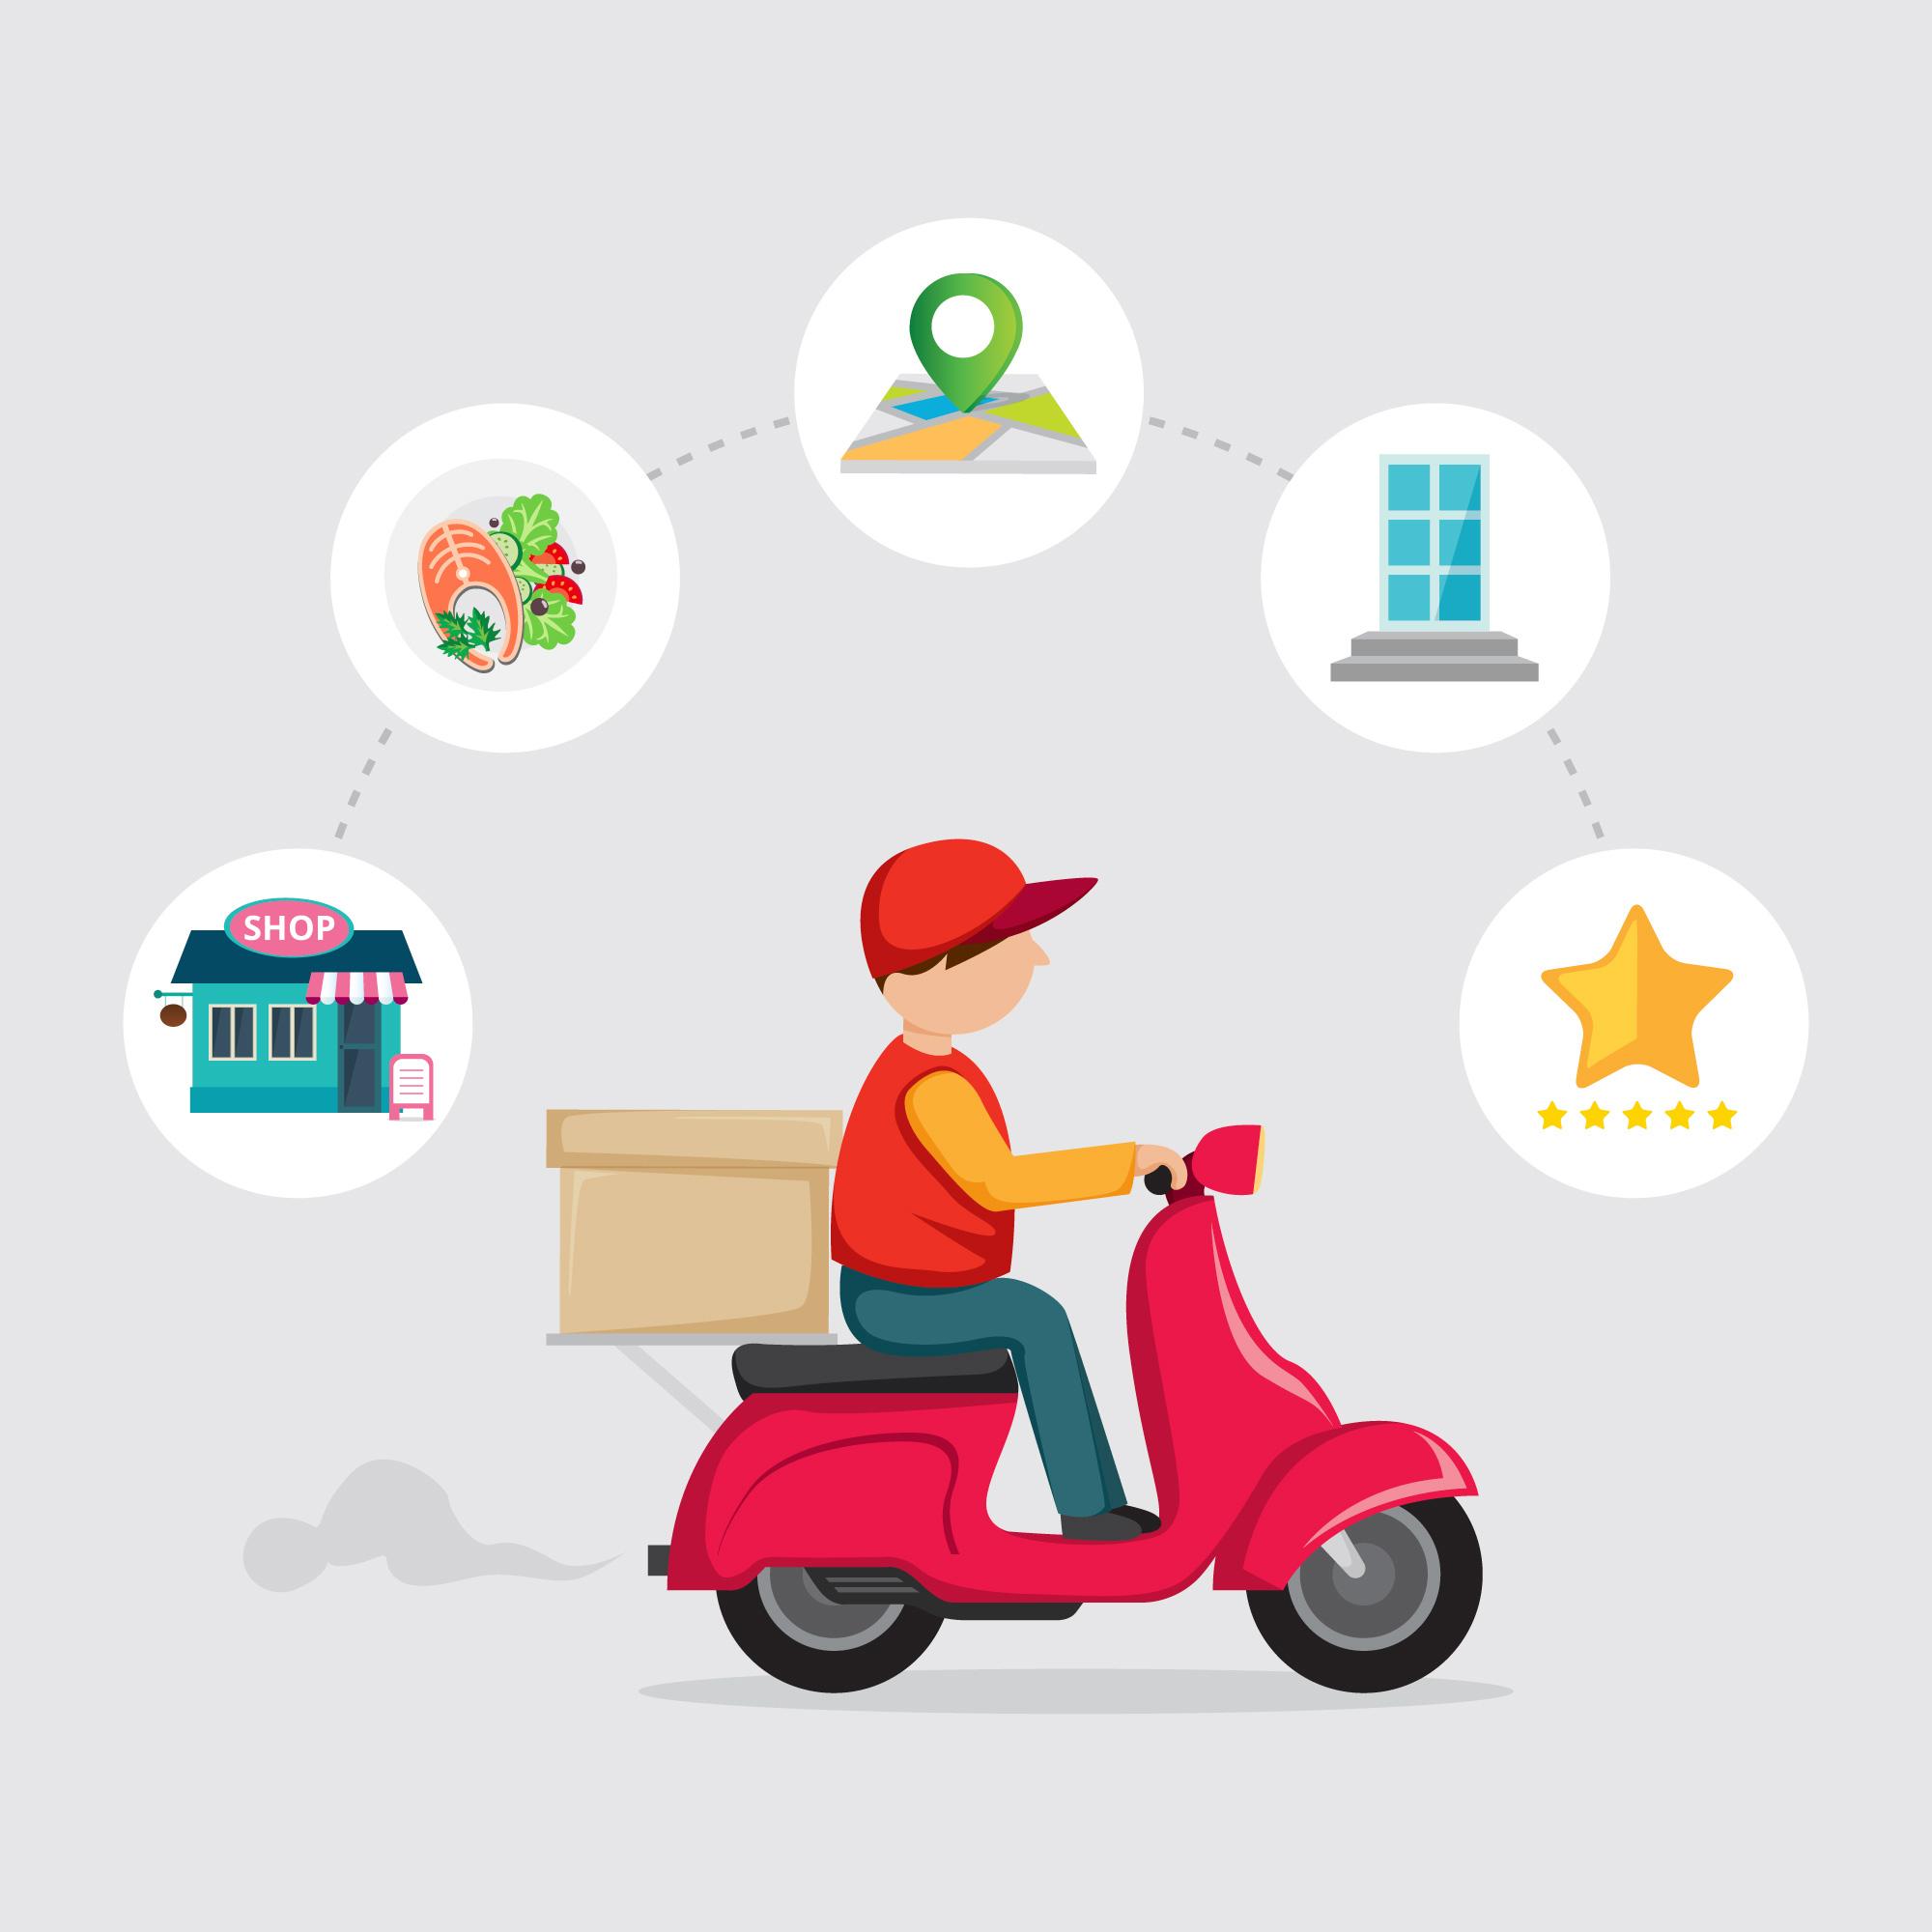 Delivery sustentável: entenda o impacto das embalagens para viagem e o que fazer para mudar isso